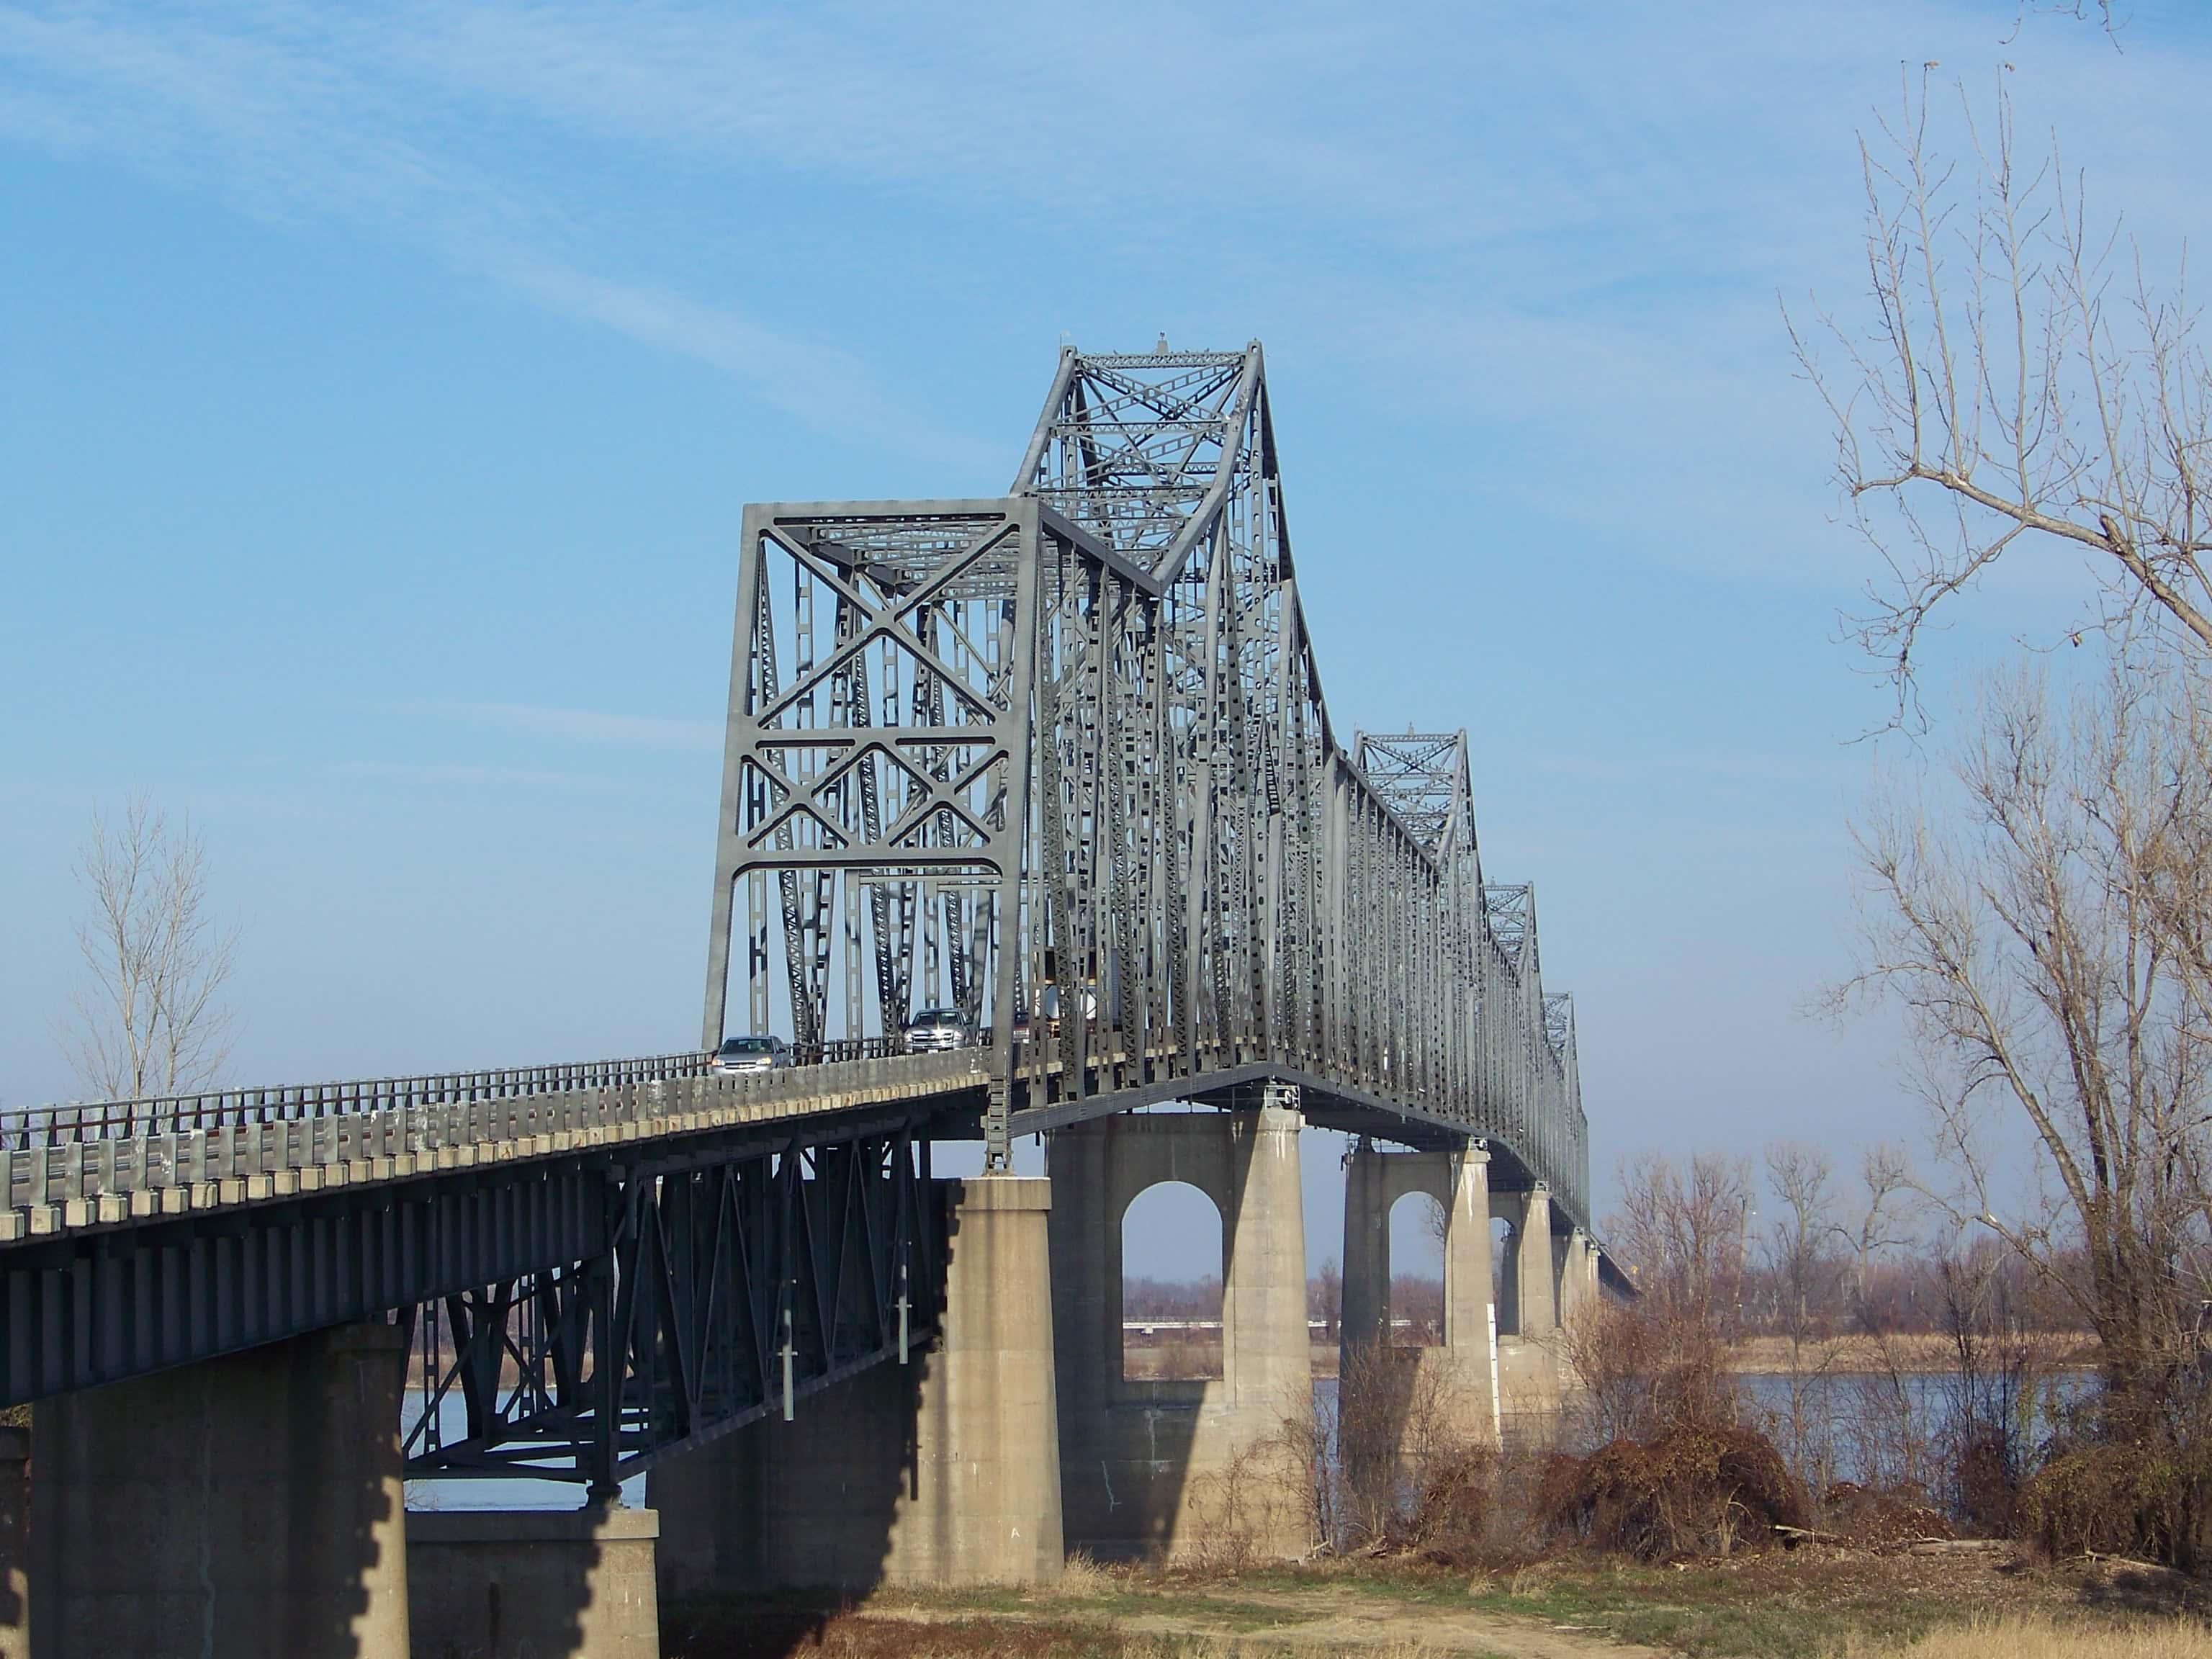 Ohio River Cario Bridge Closed Due To Flooding